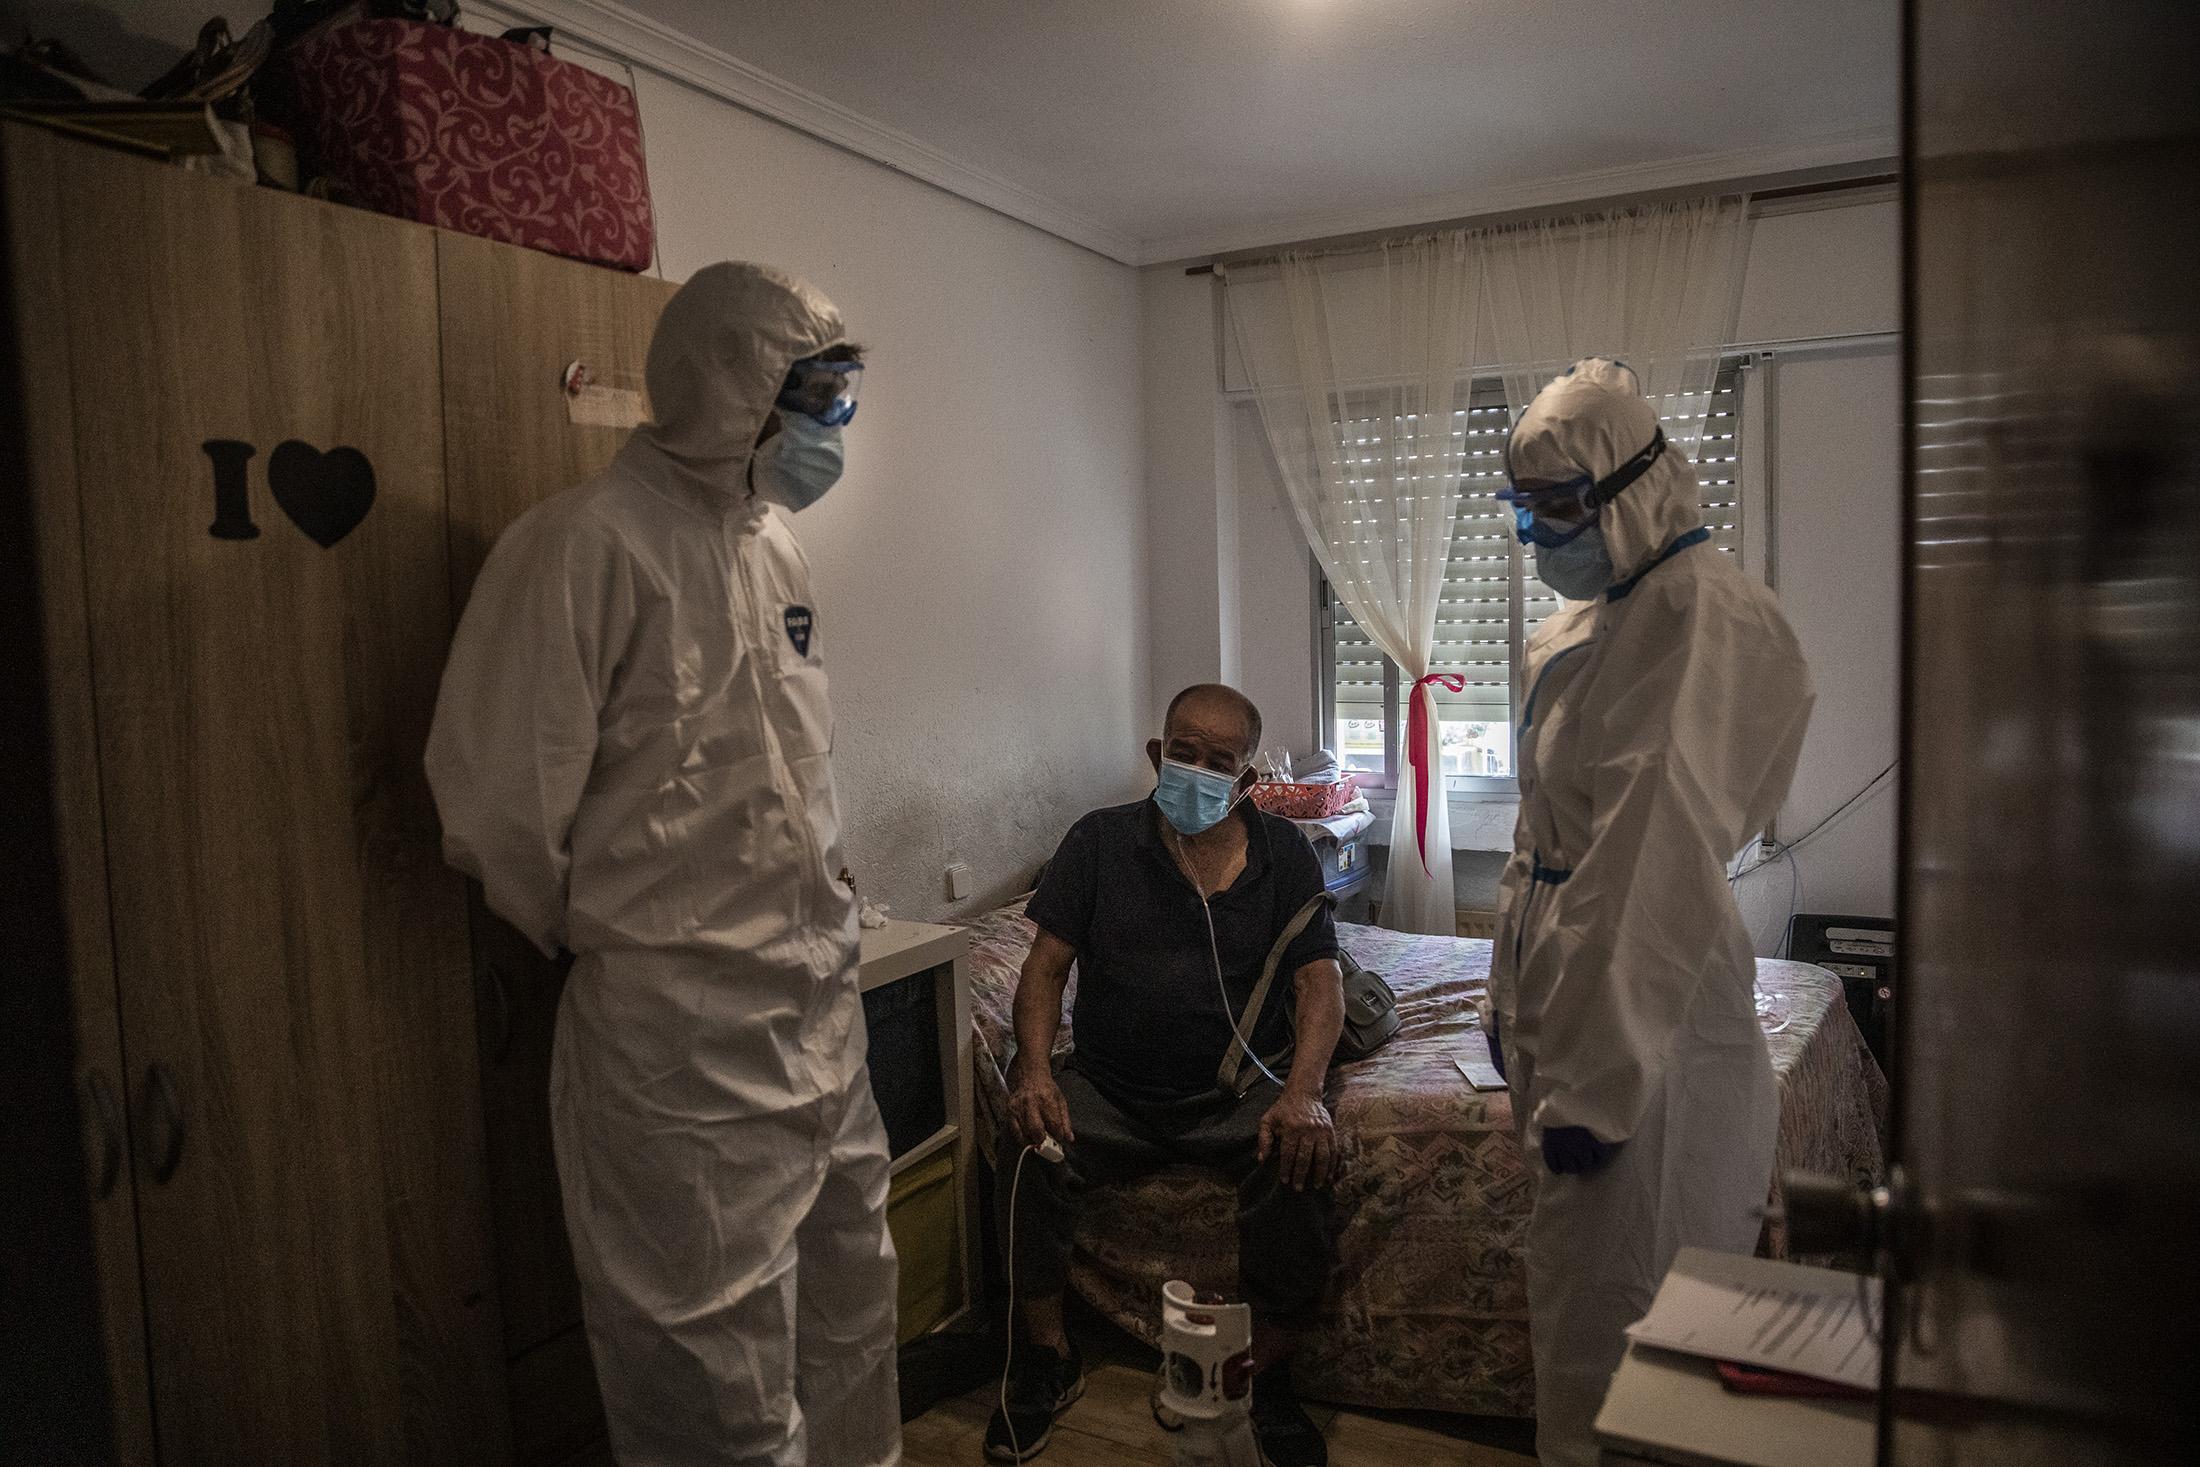 Carlos Rubio, mŽdico y Ana Moreno, enfermera de la UVI-8 del SUMMA interviene en el domicilio de Fabio, colombiano de 73 a–os por posible contagio de COVID-19